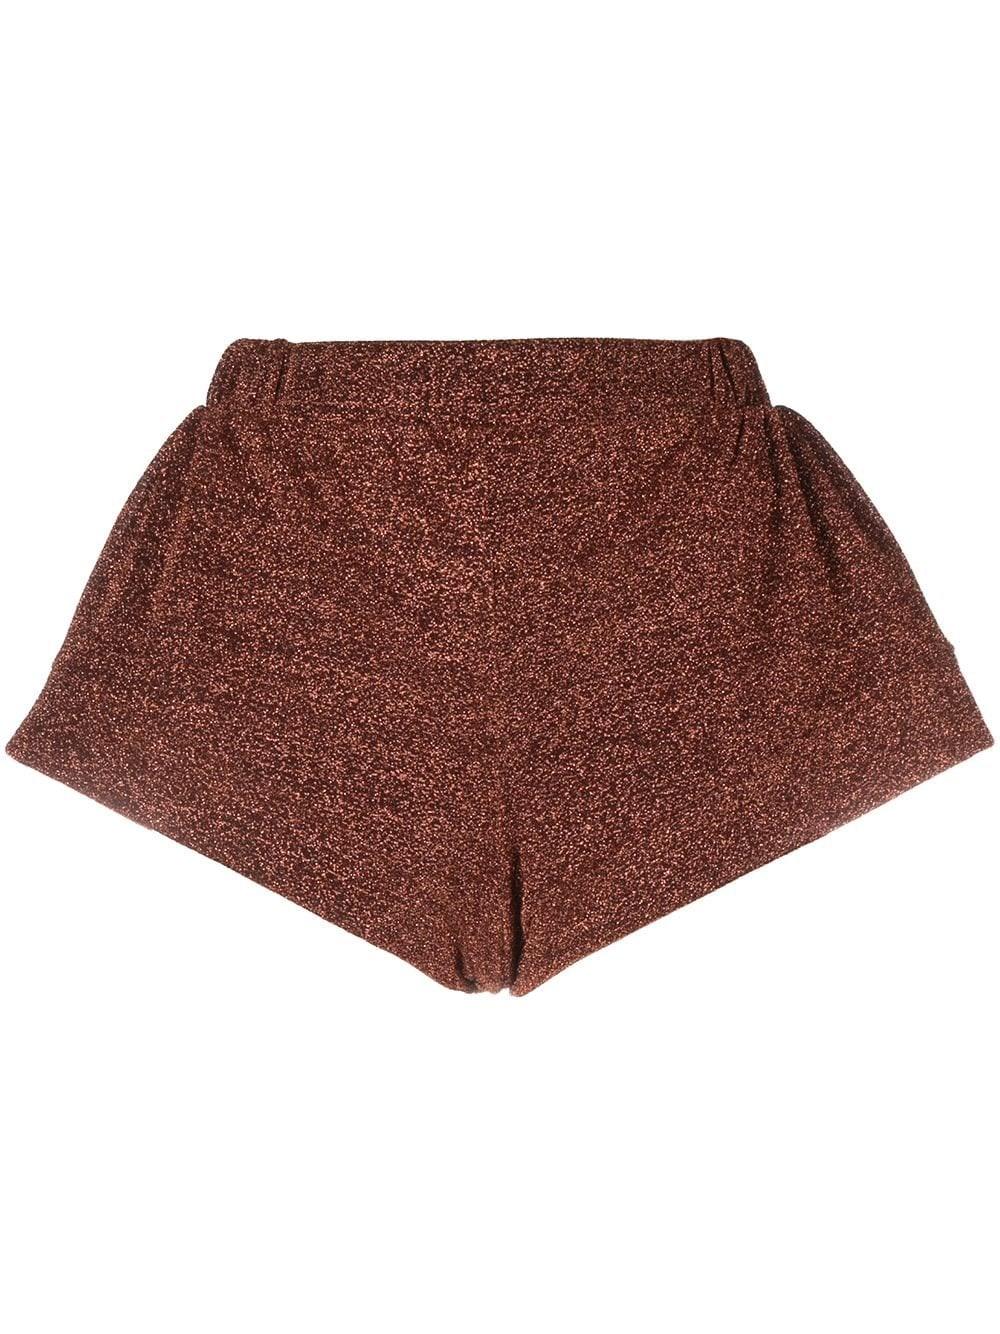 OSEREE Metallic Threaded Shorts